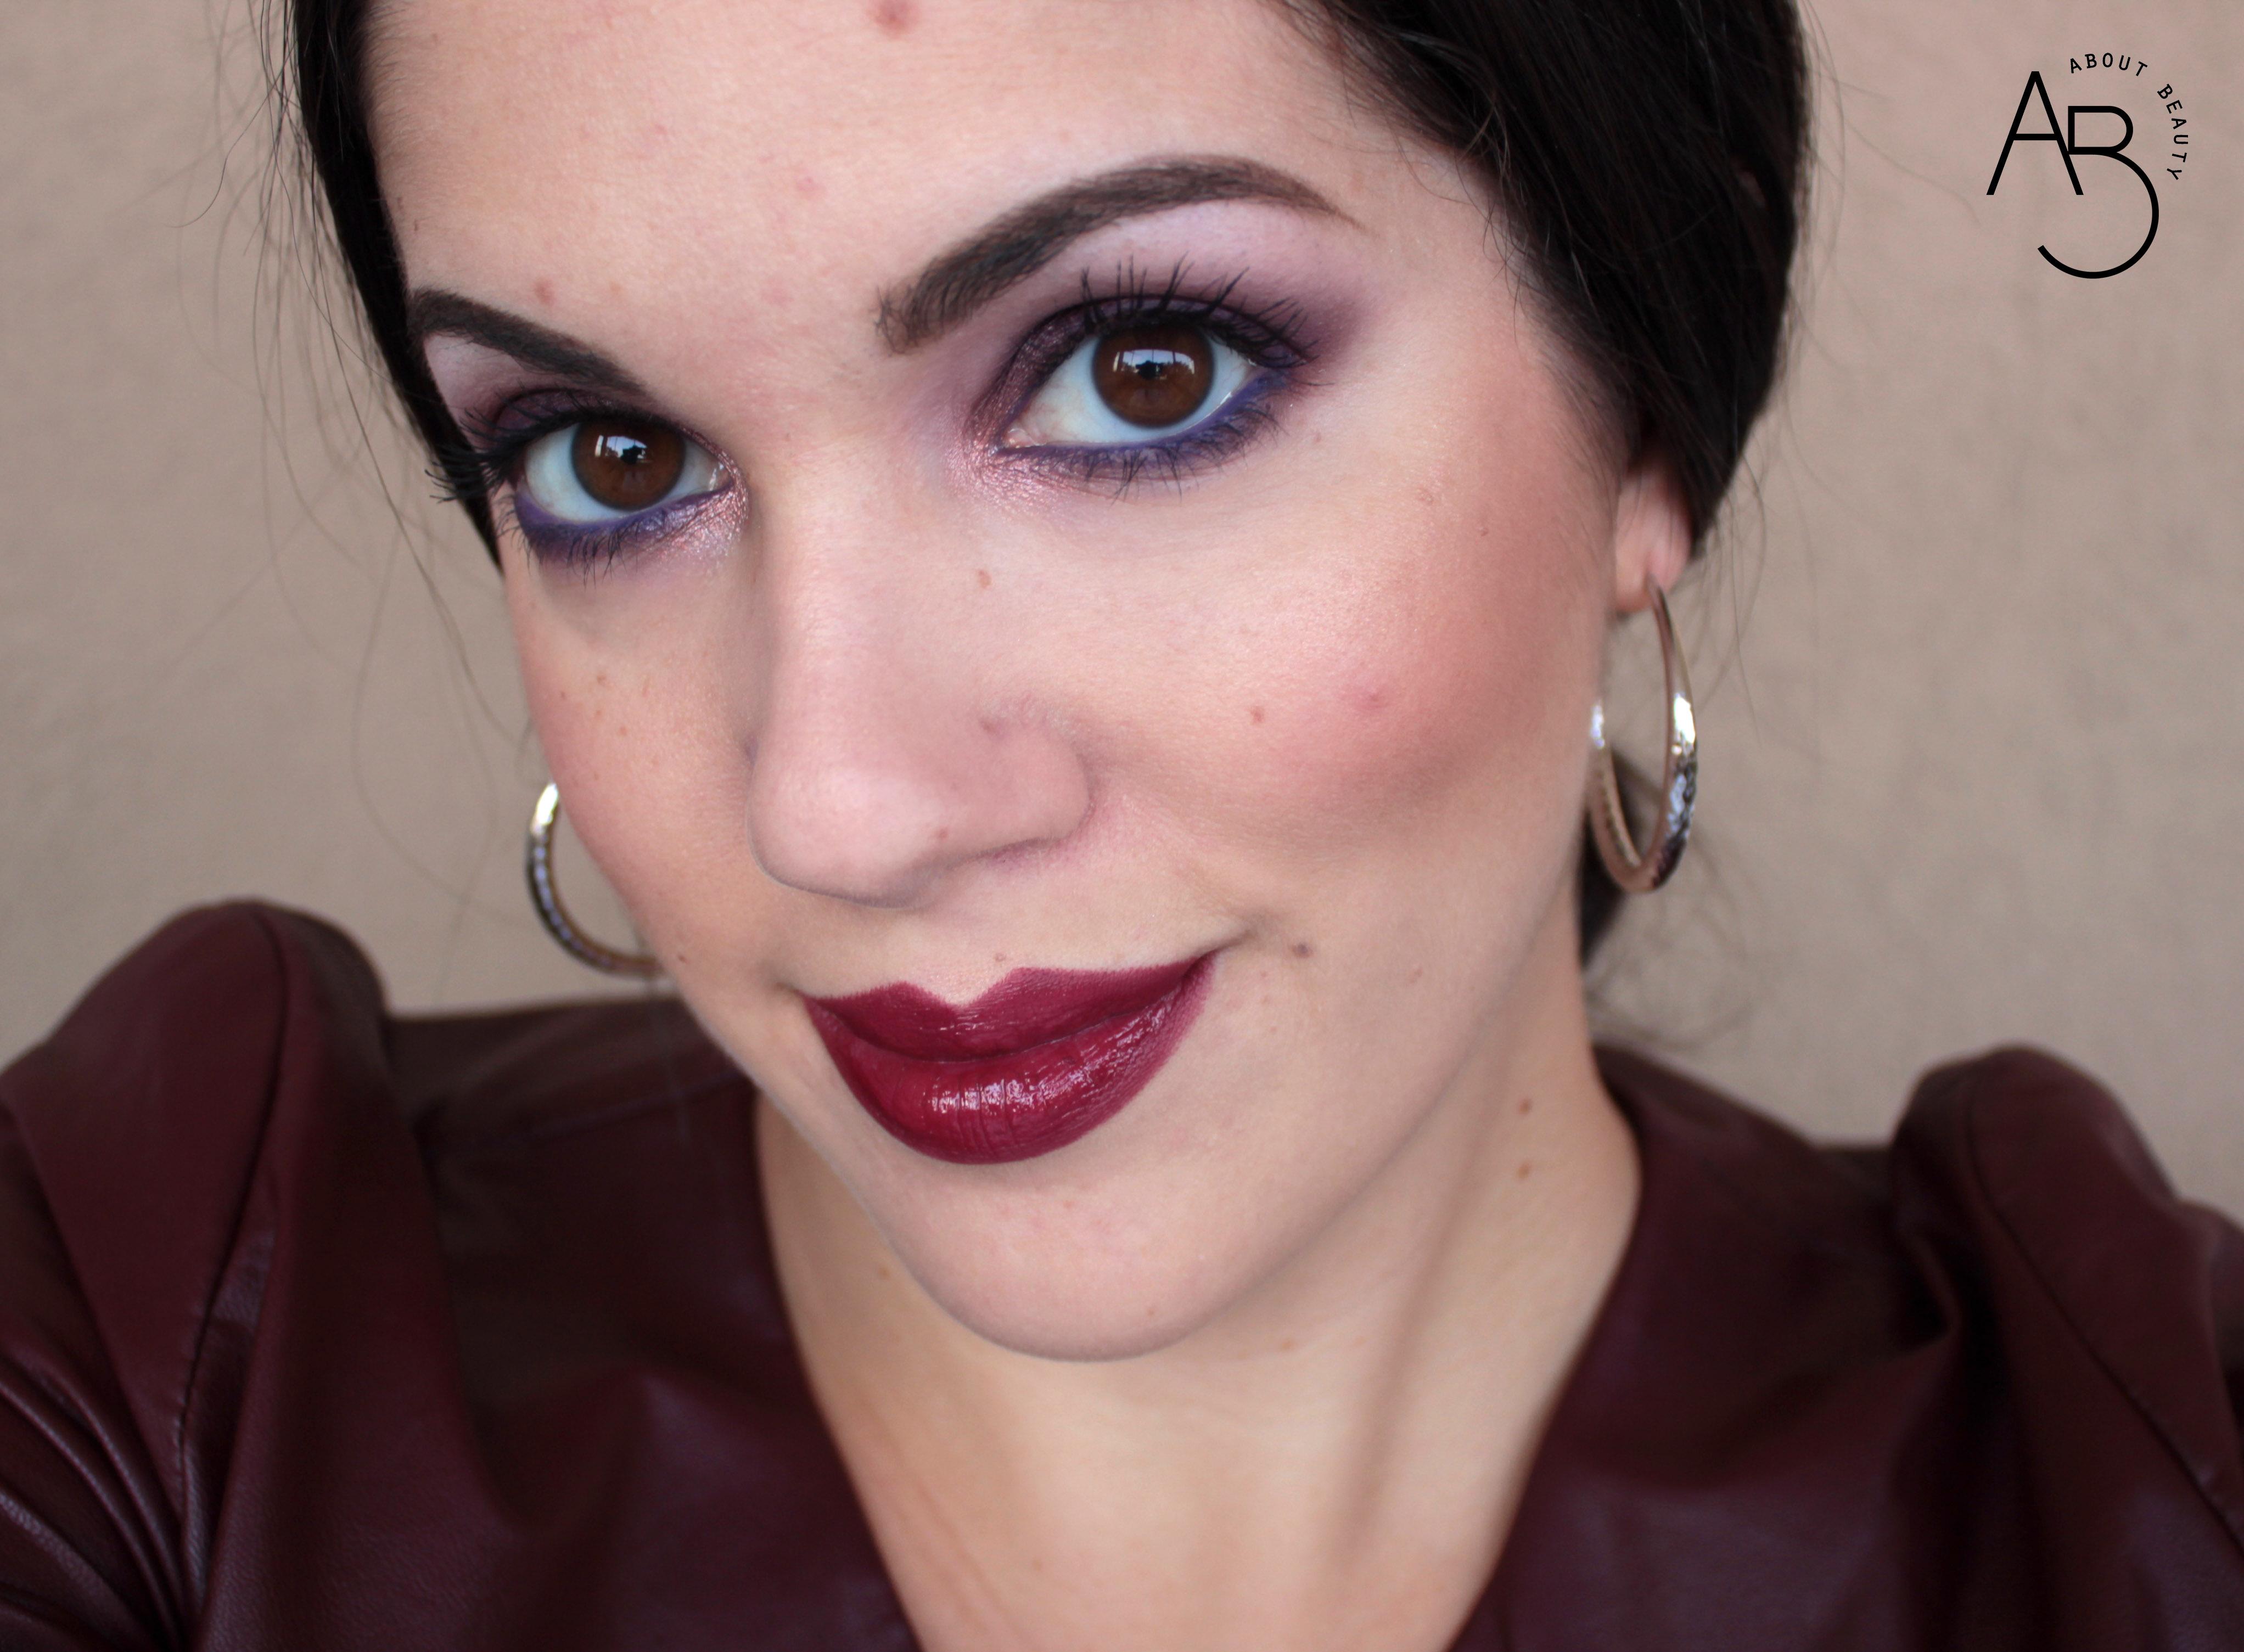 Neve Cosmetics Rebel Epoque - Review, recensione, opinioni, swatch, prezzo, dove acquistare, sconto - Make-up tutorial